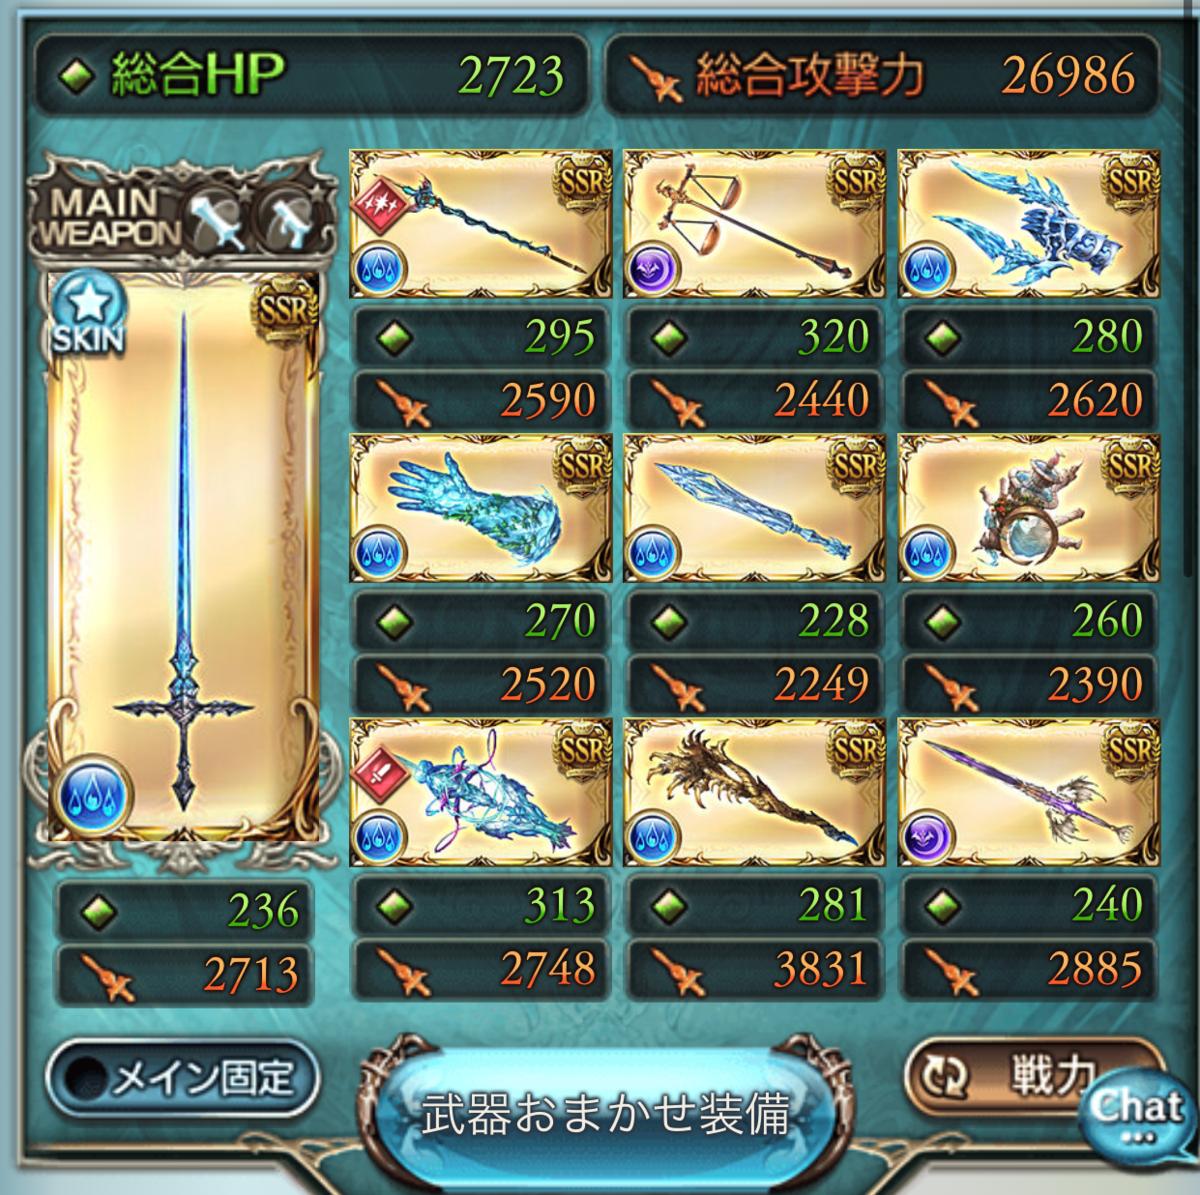 f:id:akiura774:20210319114904p:plain